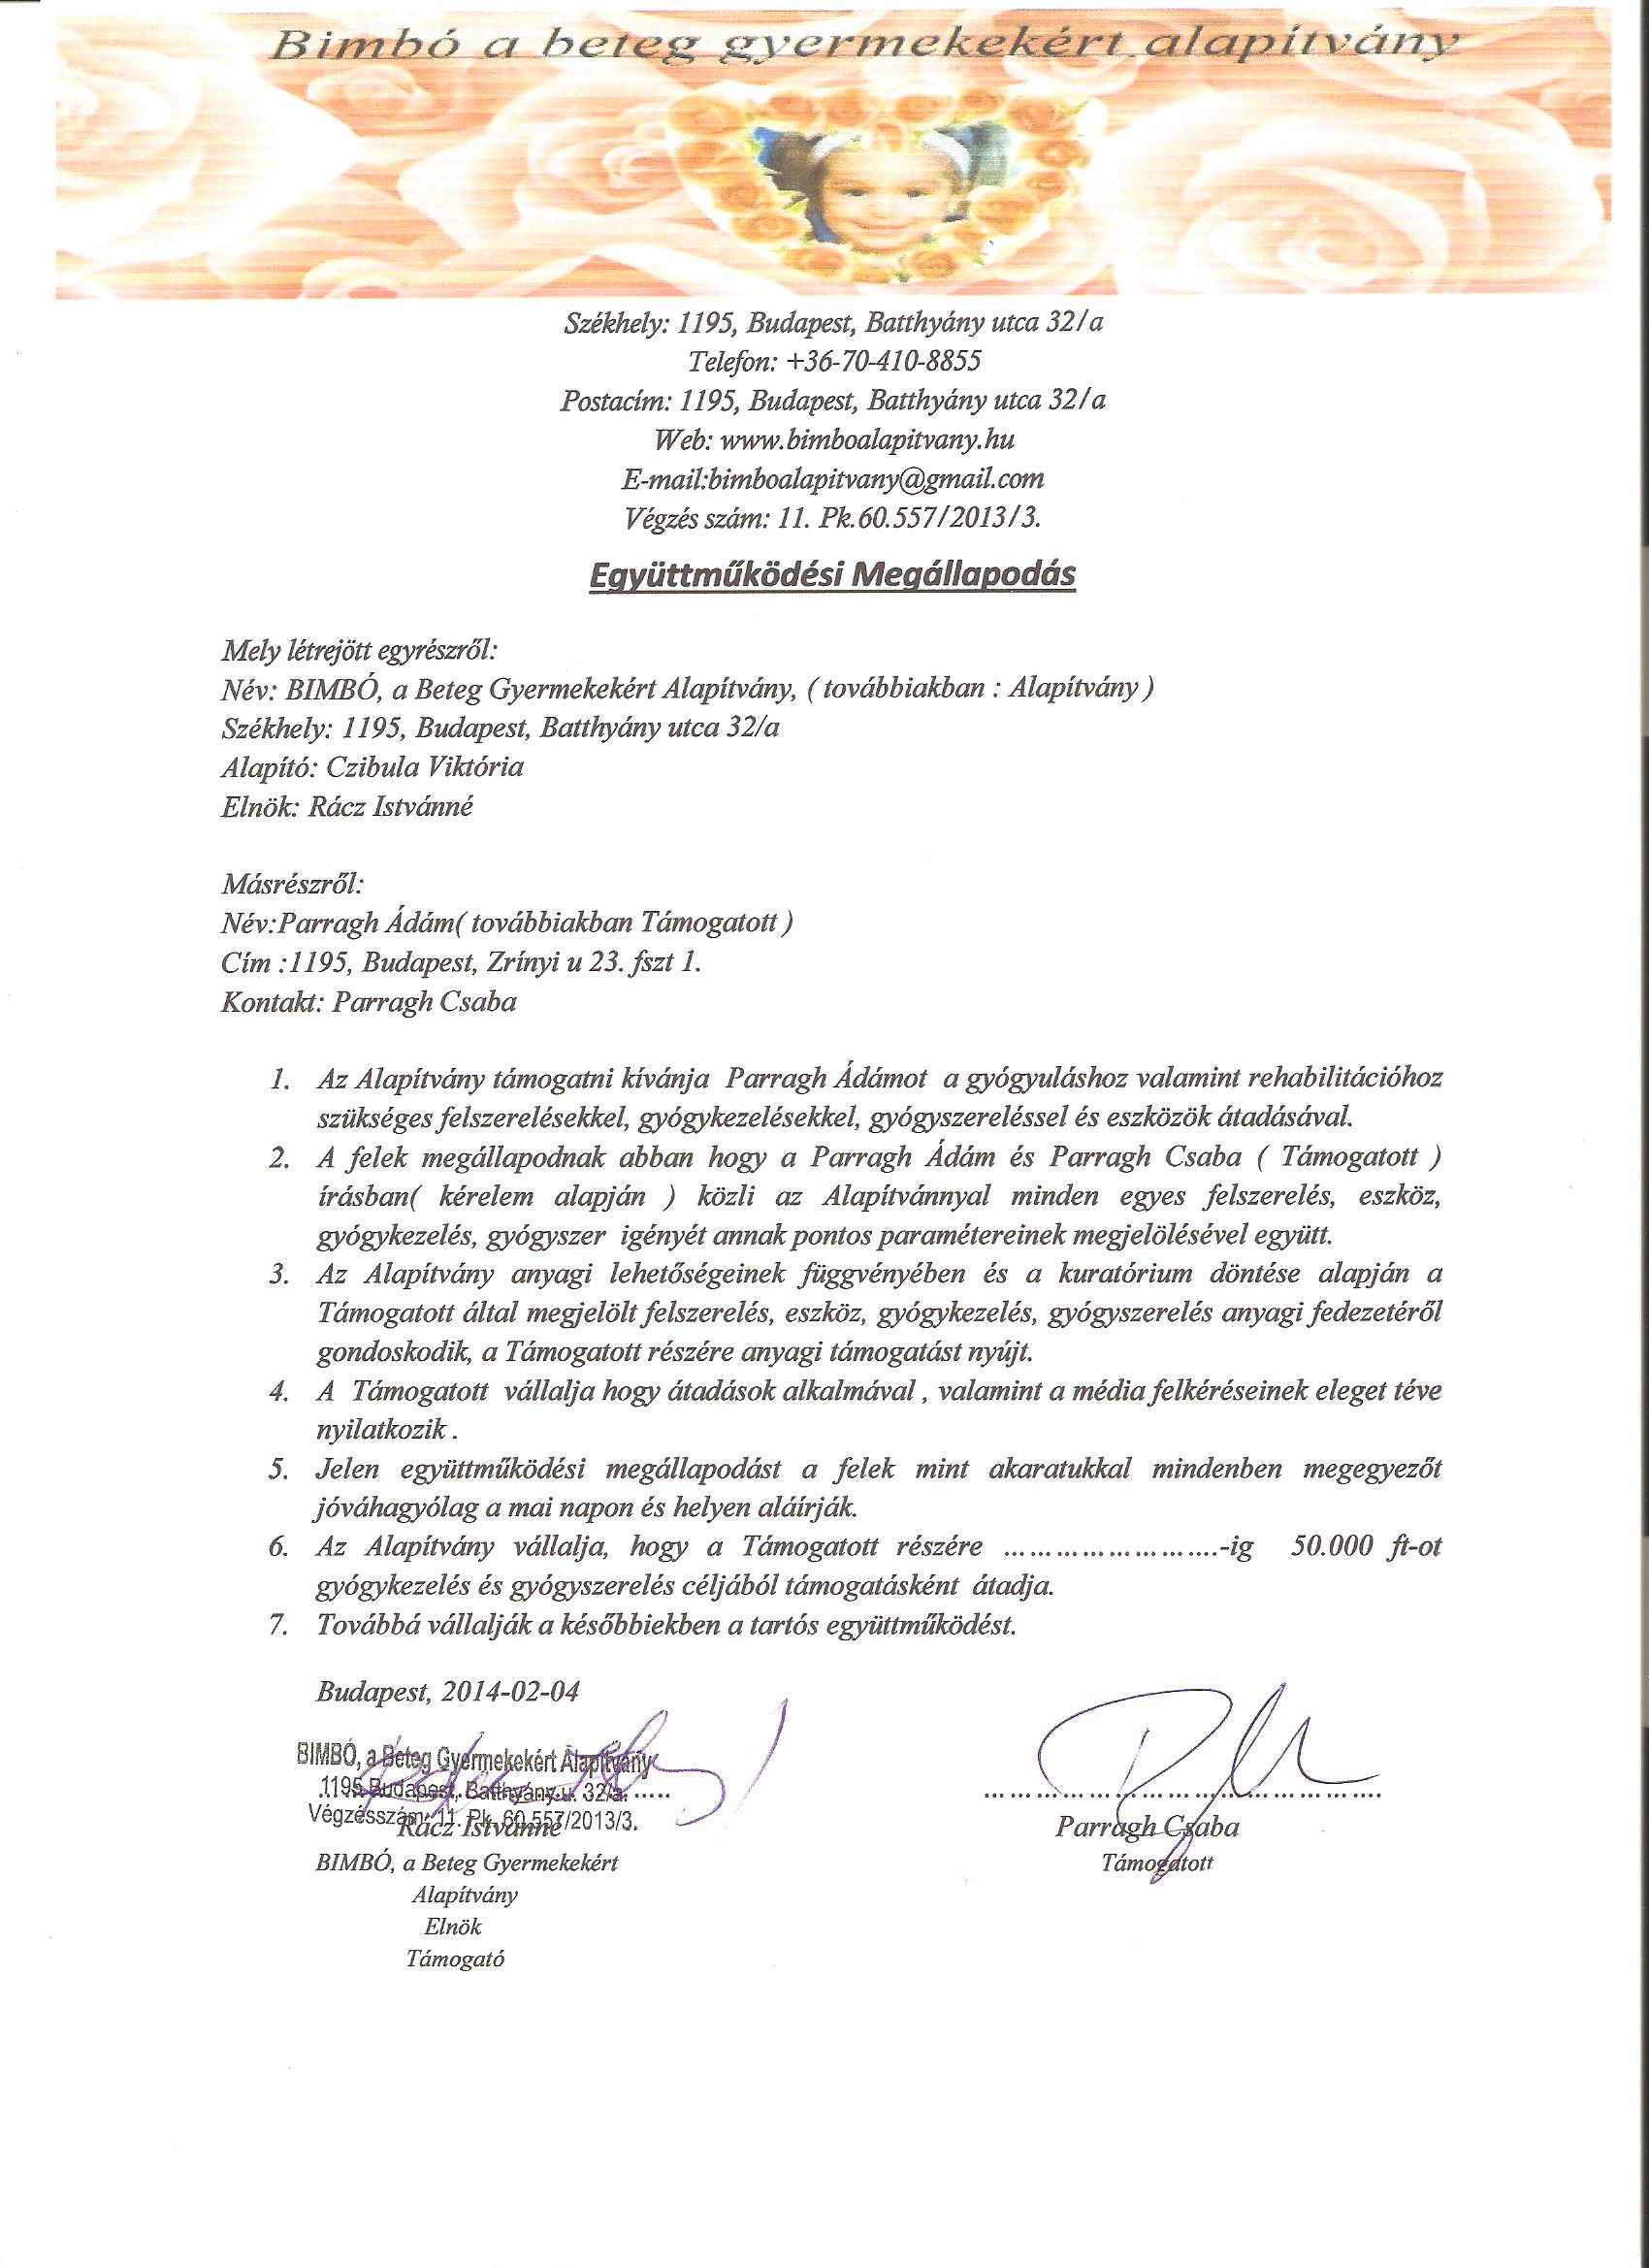 Parragh Ádám együttműködési megállapodás